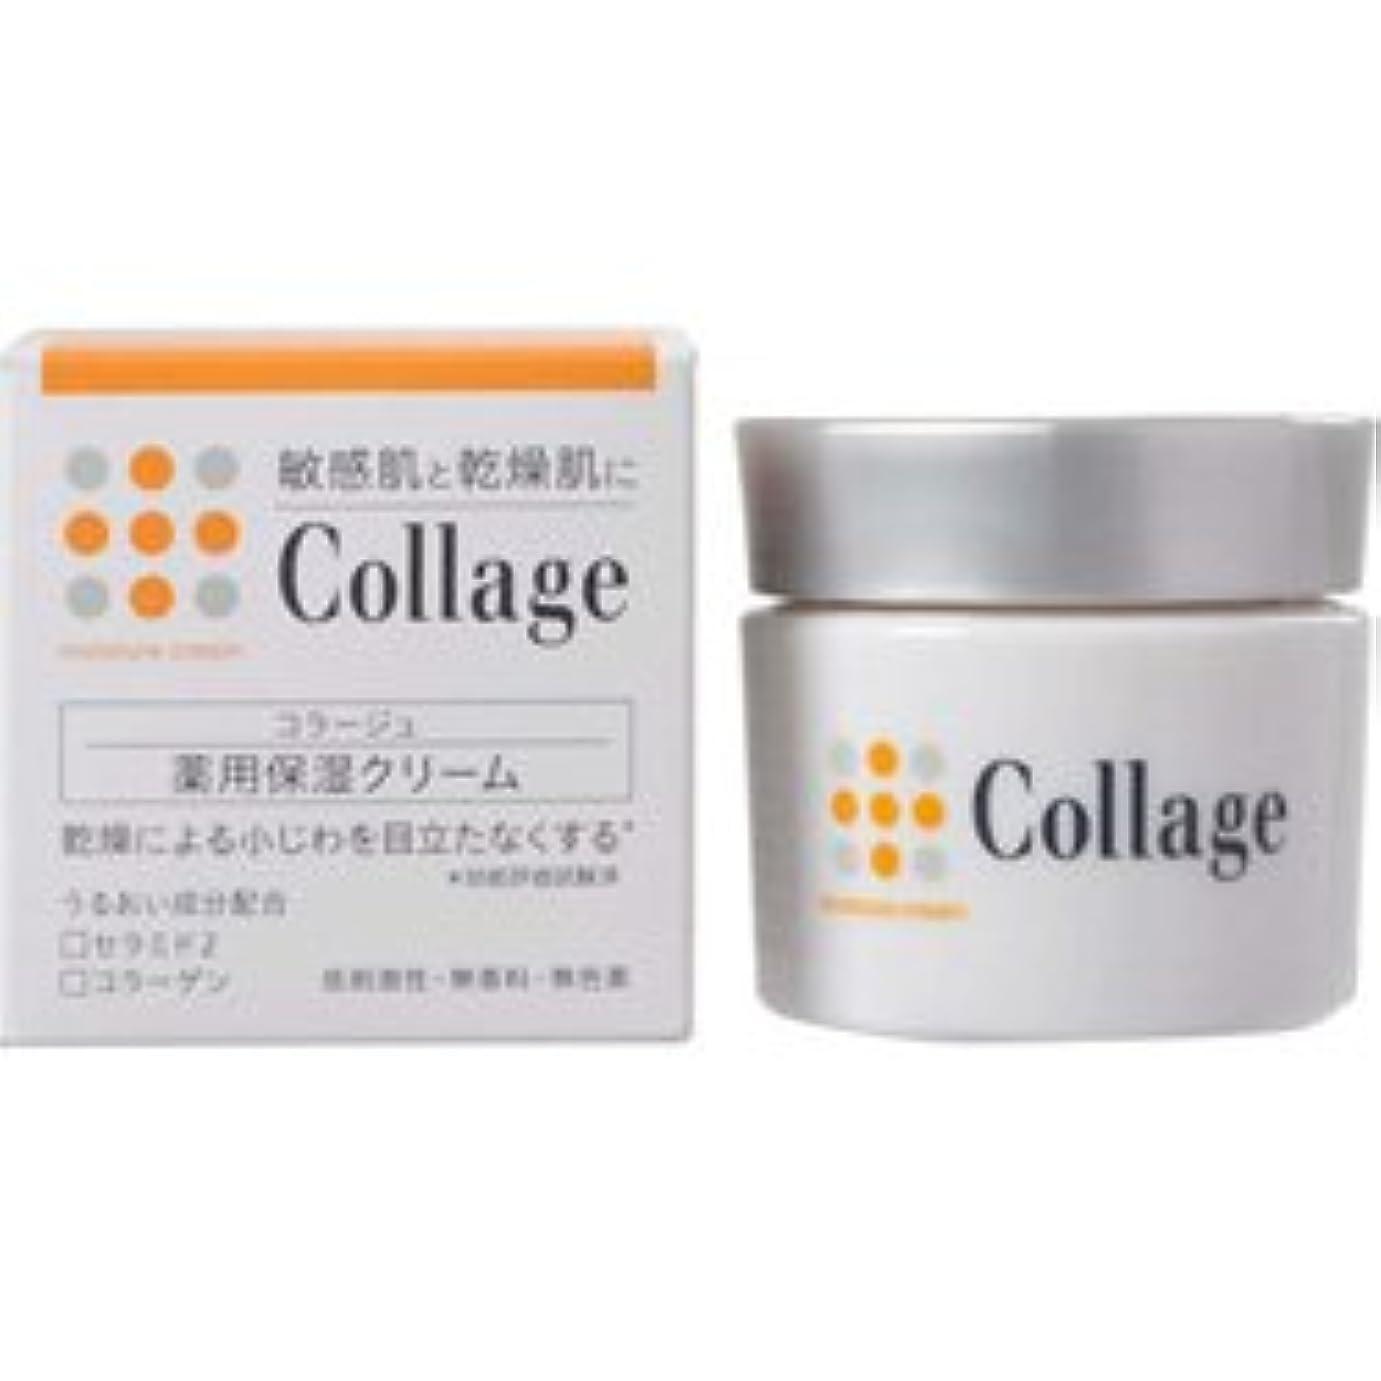 助手新しい意味支援【持田ヘルスケア】 コラージュ薬用保湿クリーム 30g (医薬部外品) ×3個セット